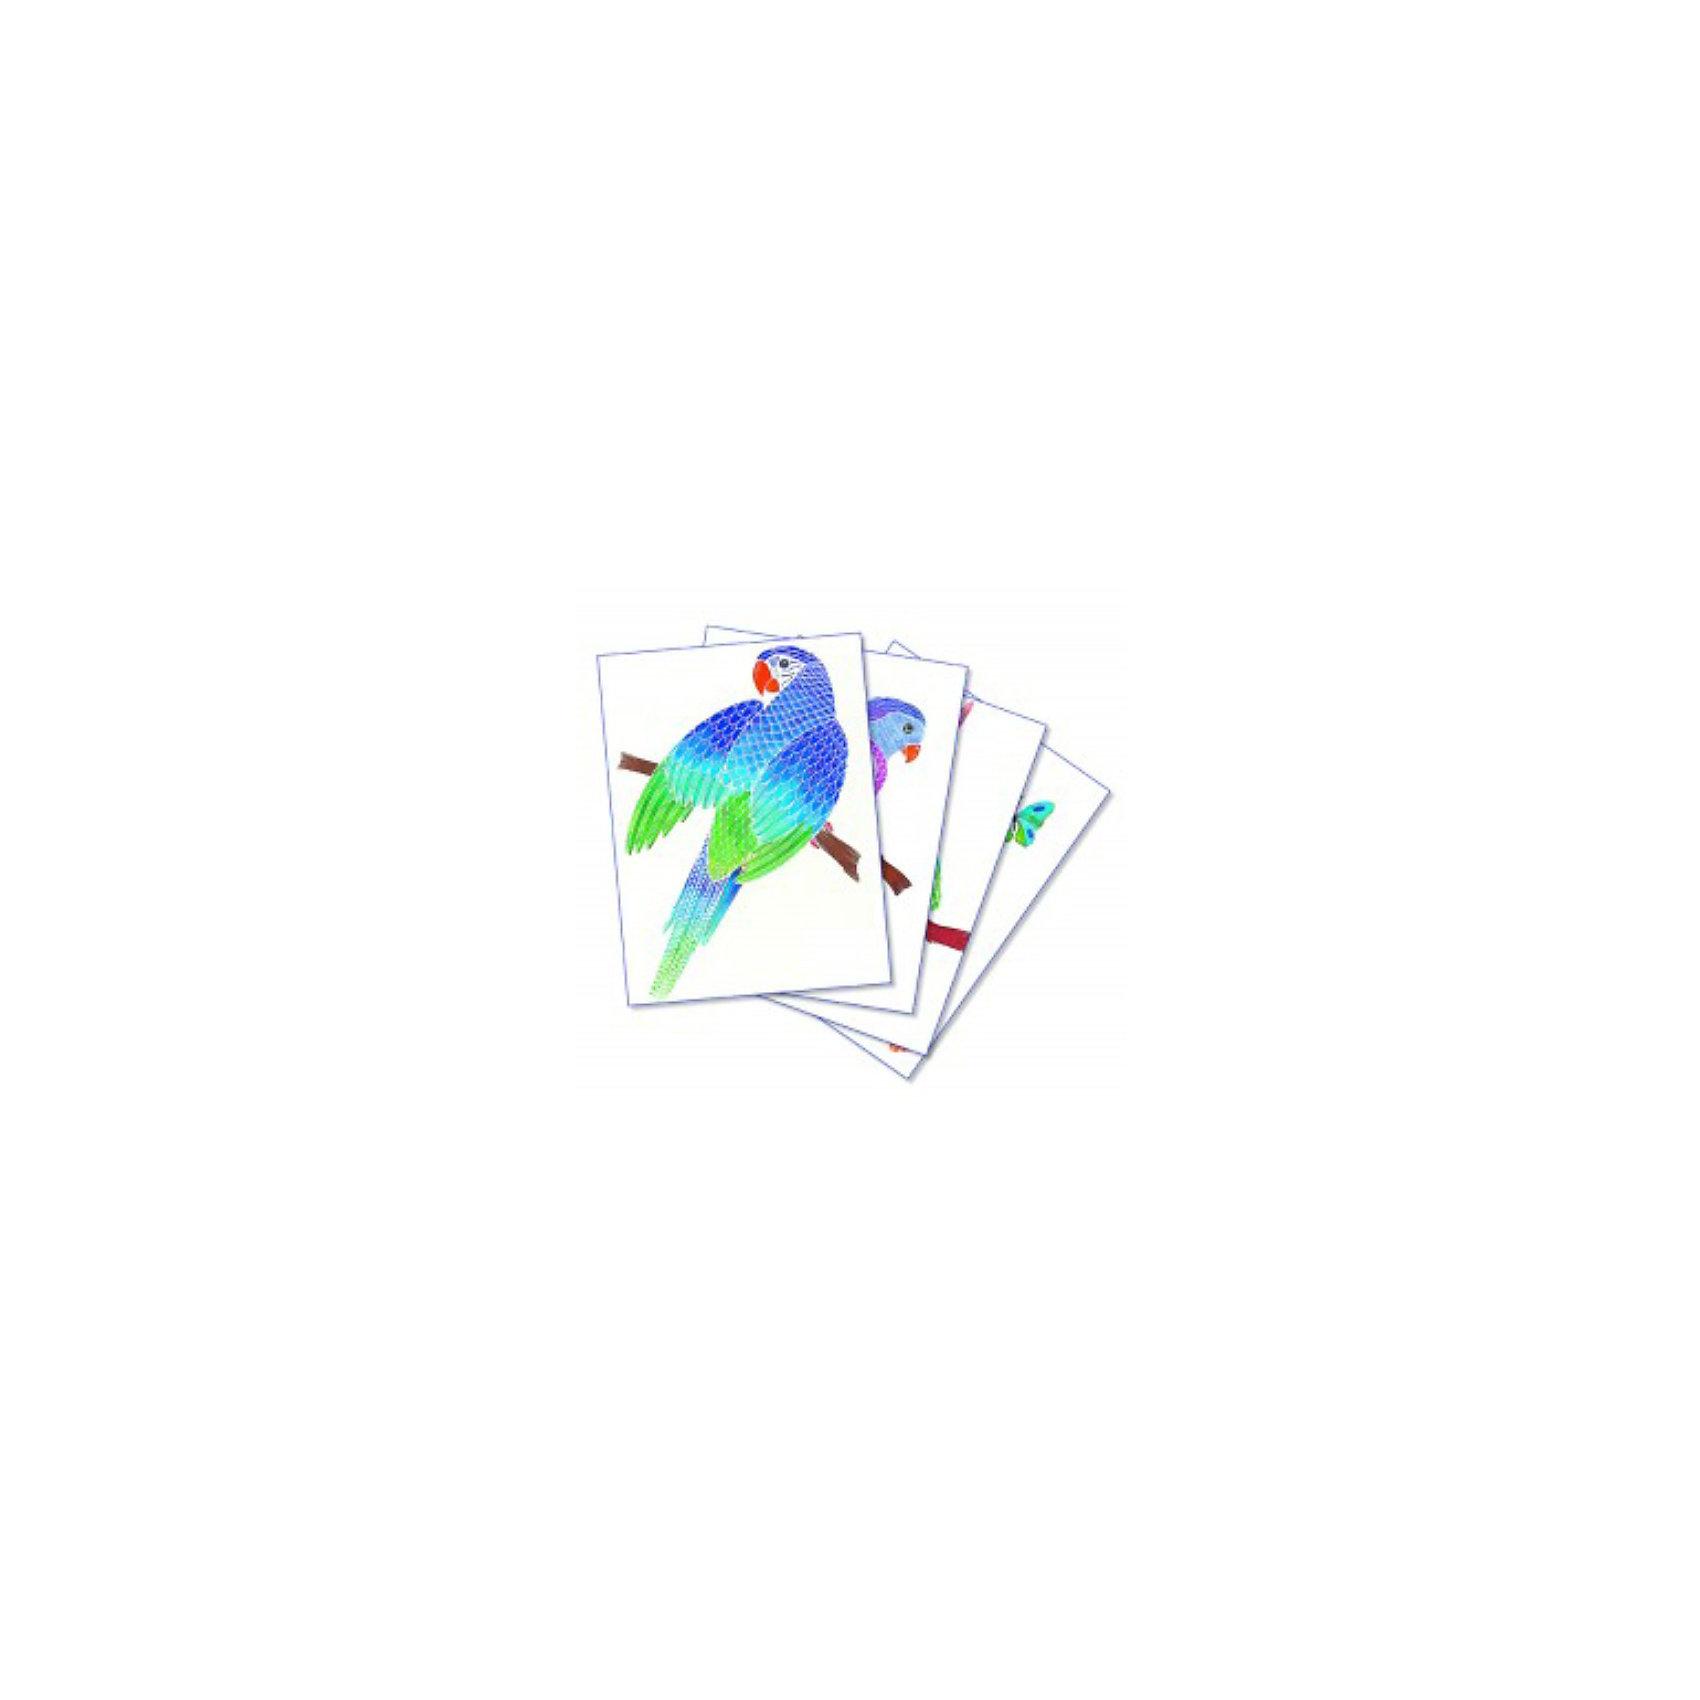 SentoSpherе 654 Акварельная раскраска ПопугаиВсего несколько капель красок и любой ребенок сможет создать настоящие произведения искусства. Акварель для детей основана на технике вставки в оправу тонкого пергамента. Эта техника позволяет картине приклеиться только на специальные поверхности: рисунок появляется по мере проведения кисточкой по бумаге. Картину можно перерисовывать несколько раз, чтобы получить самый красивый результат. Такая техника идеальна, чтобы научить детей составлению цветов. Кроме того, она развивает воображение, точность и внимание. 4 картины; 1 кисть очень высокого качества; 1 палитра для смешивания красок; 5 флаконов не токсичных акварельных красок; 1 пипетка для дозировки красок; 1 инструкция<br><br>Ширина мм: 195<br>Глубина мм: 30<br>Высота мм: 265<br>Вес г: 275<br>Возраст от месяцев: 36<br>Возраст до месяцев: 2147483647<br>Пол: Женский<br>Возраст: Детский<br>SKU: 2176755